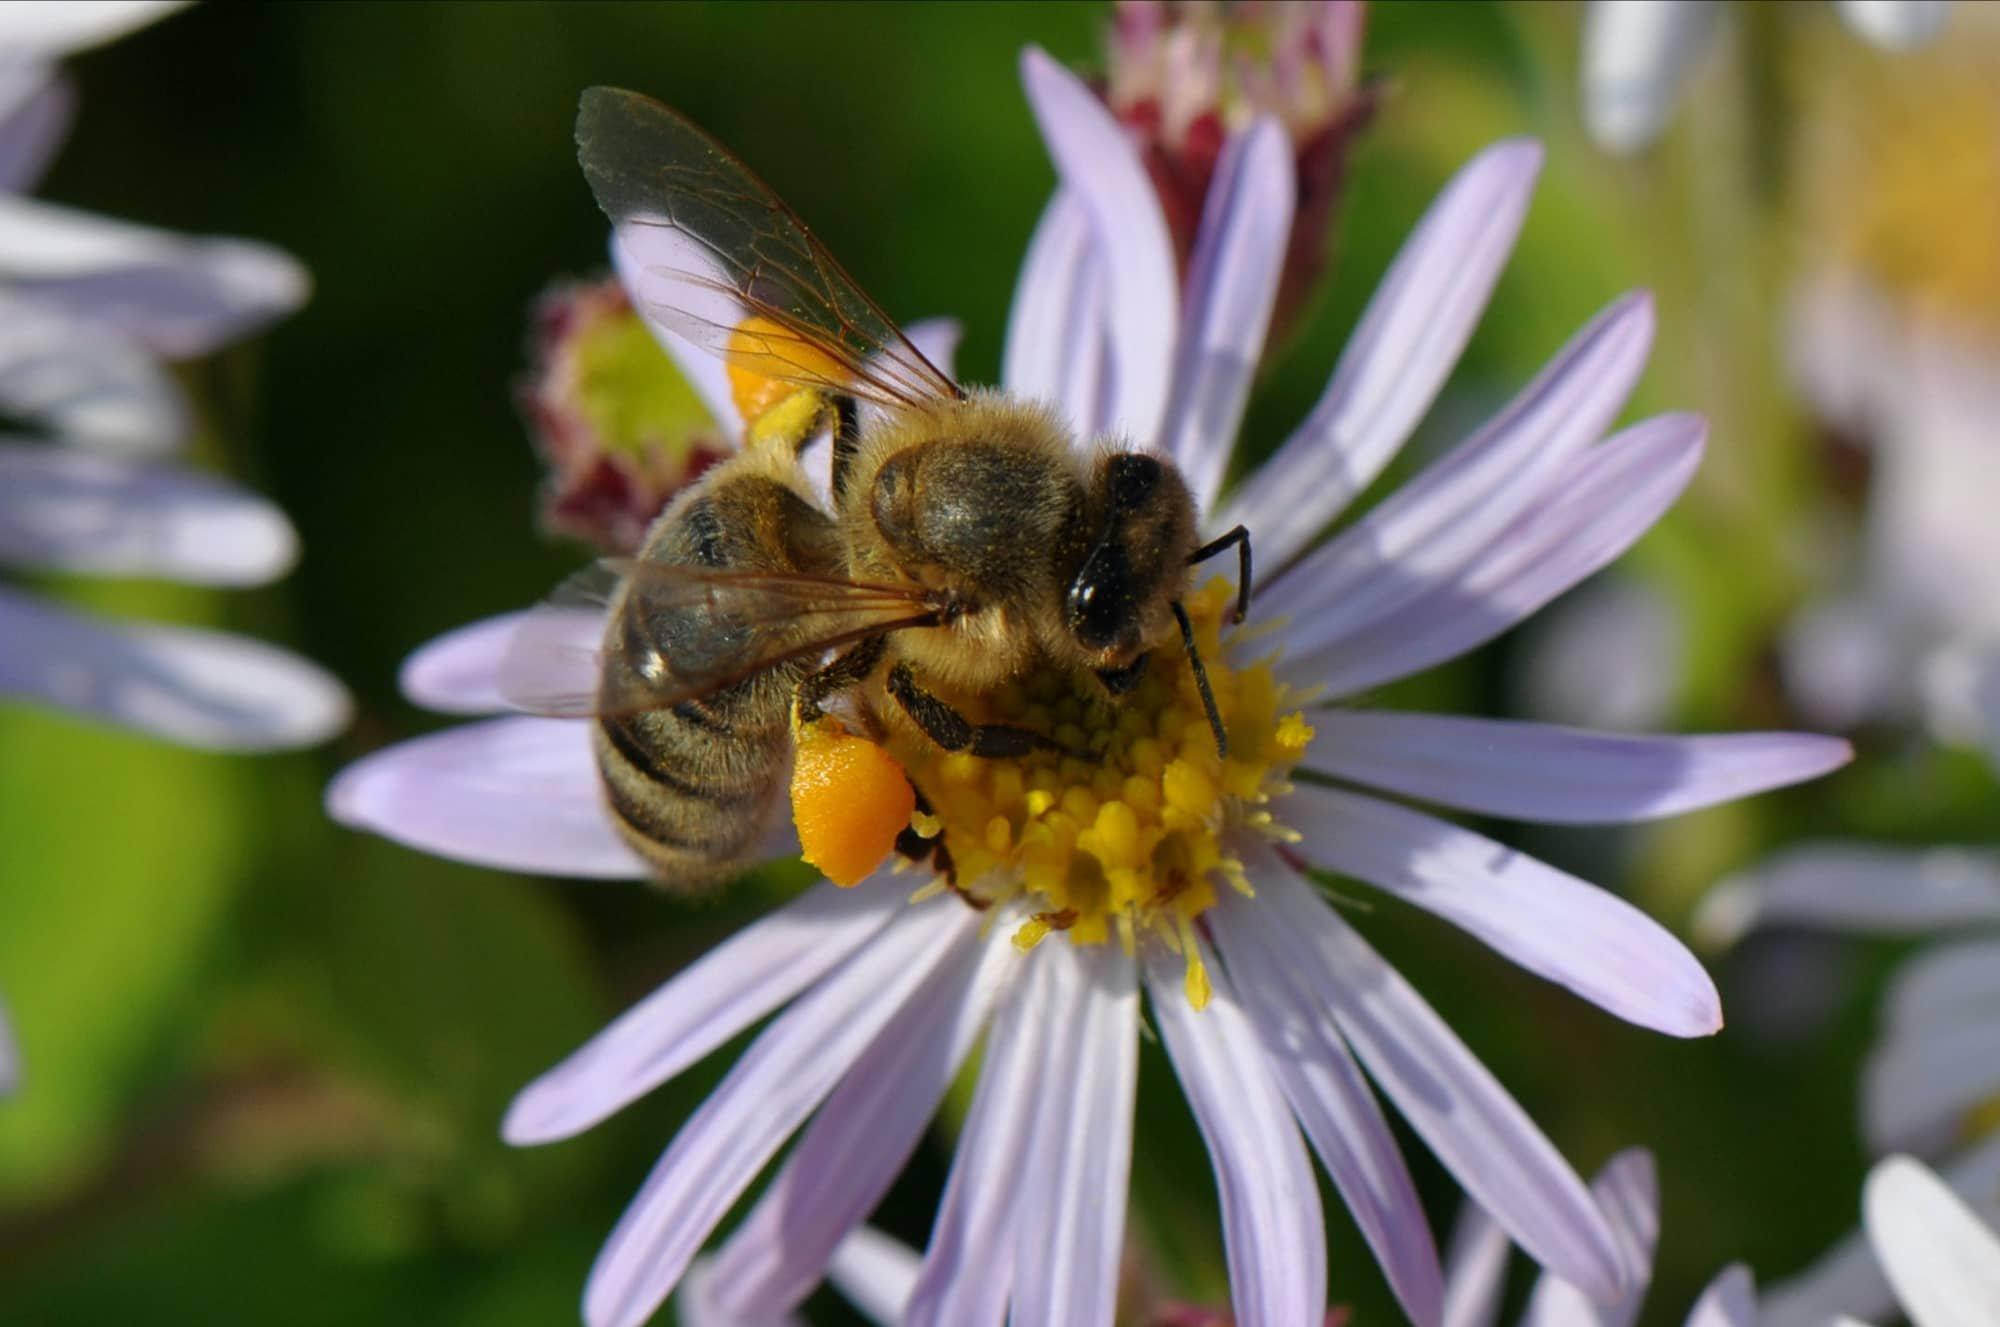 2011-09-25 Honingbij met stuifmeel-1.jpg